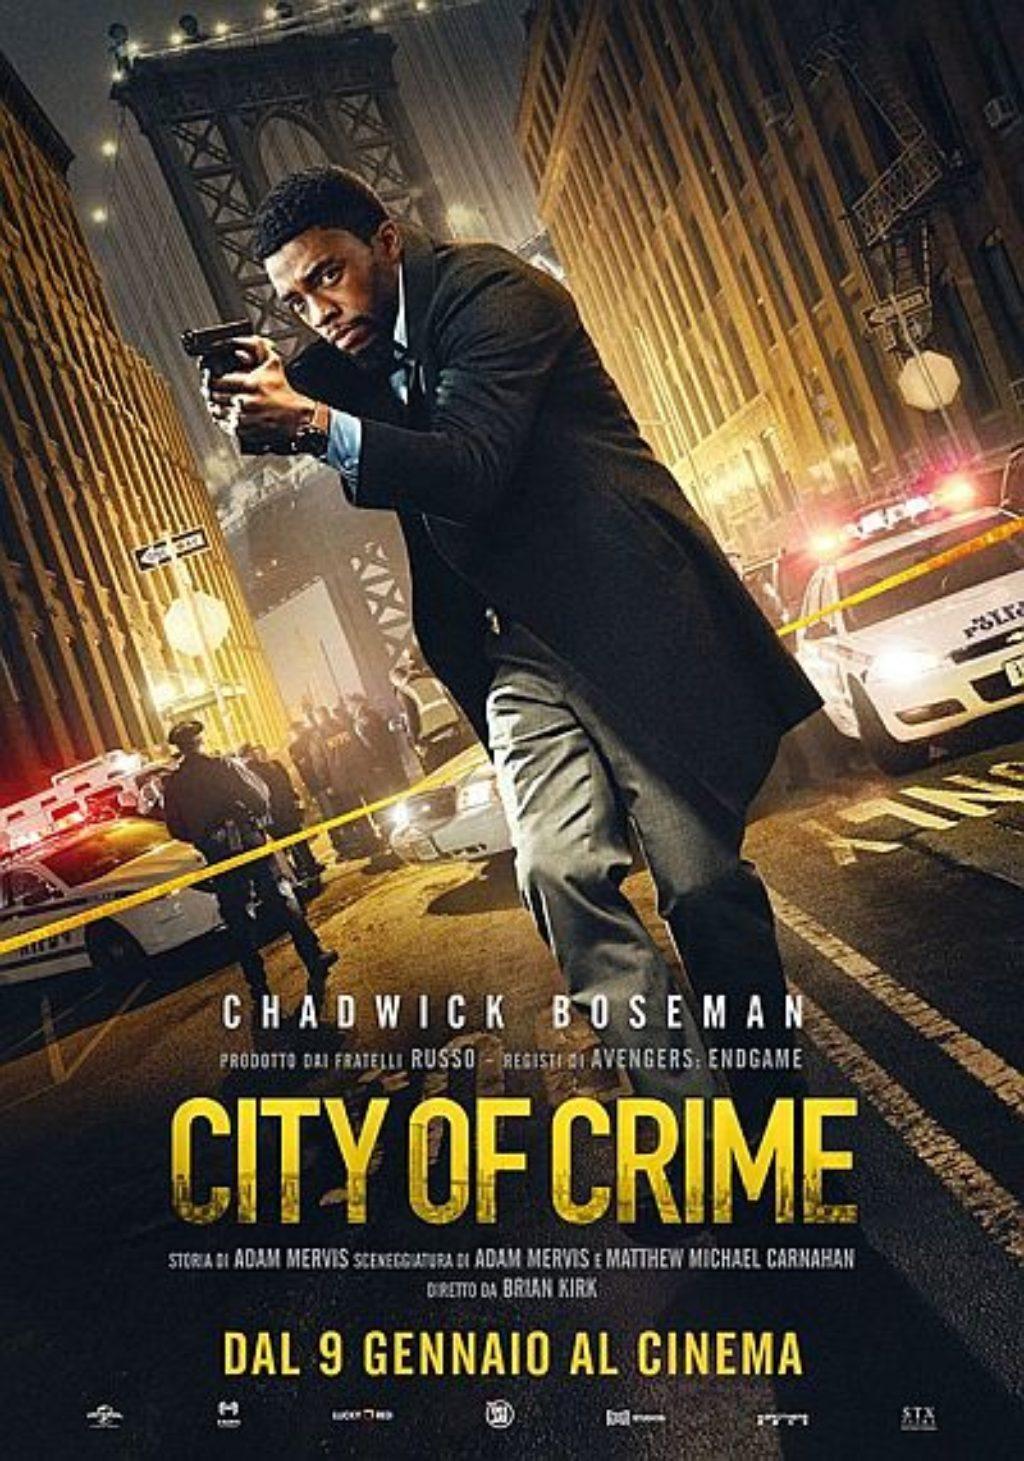 cityofcrime_big